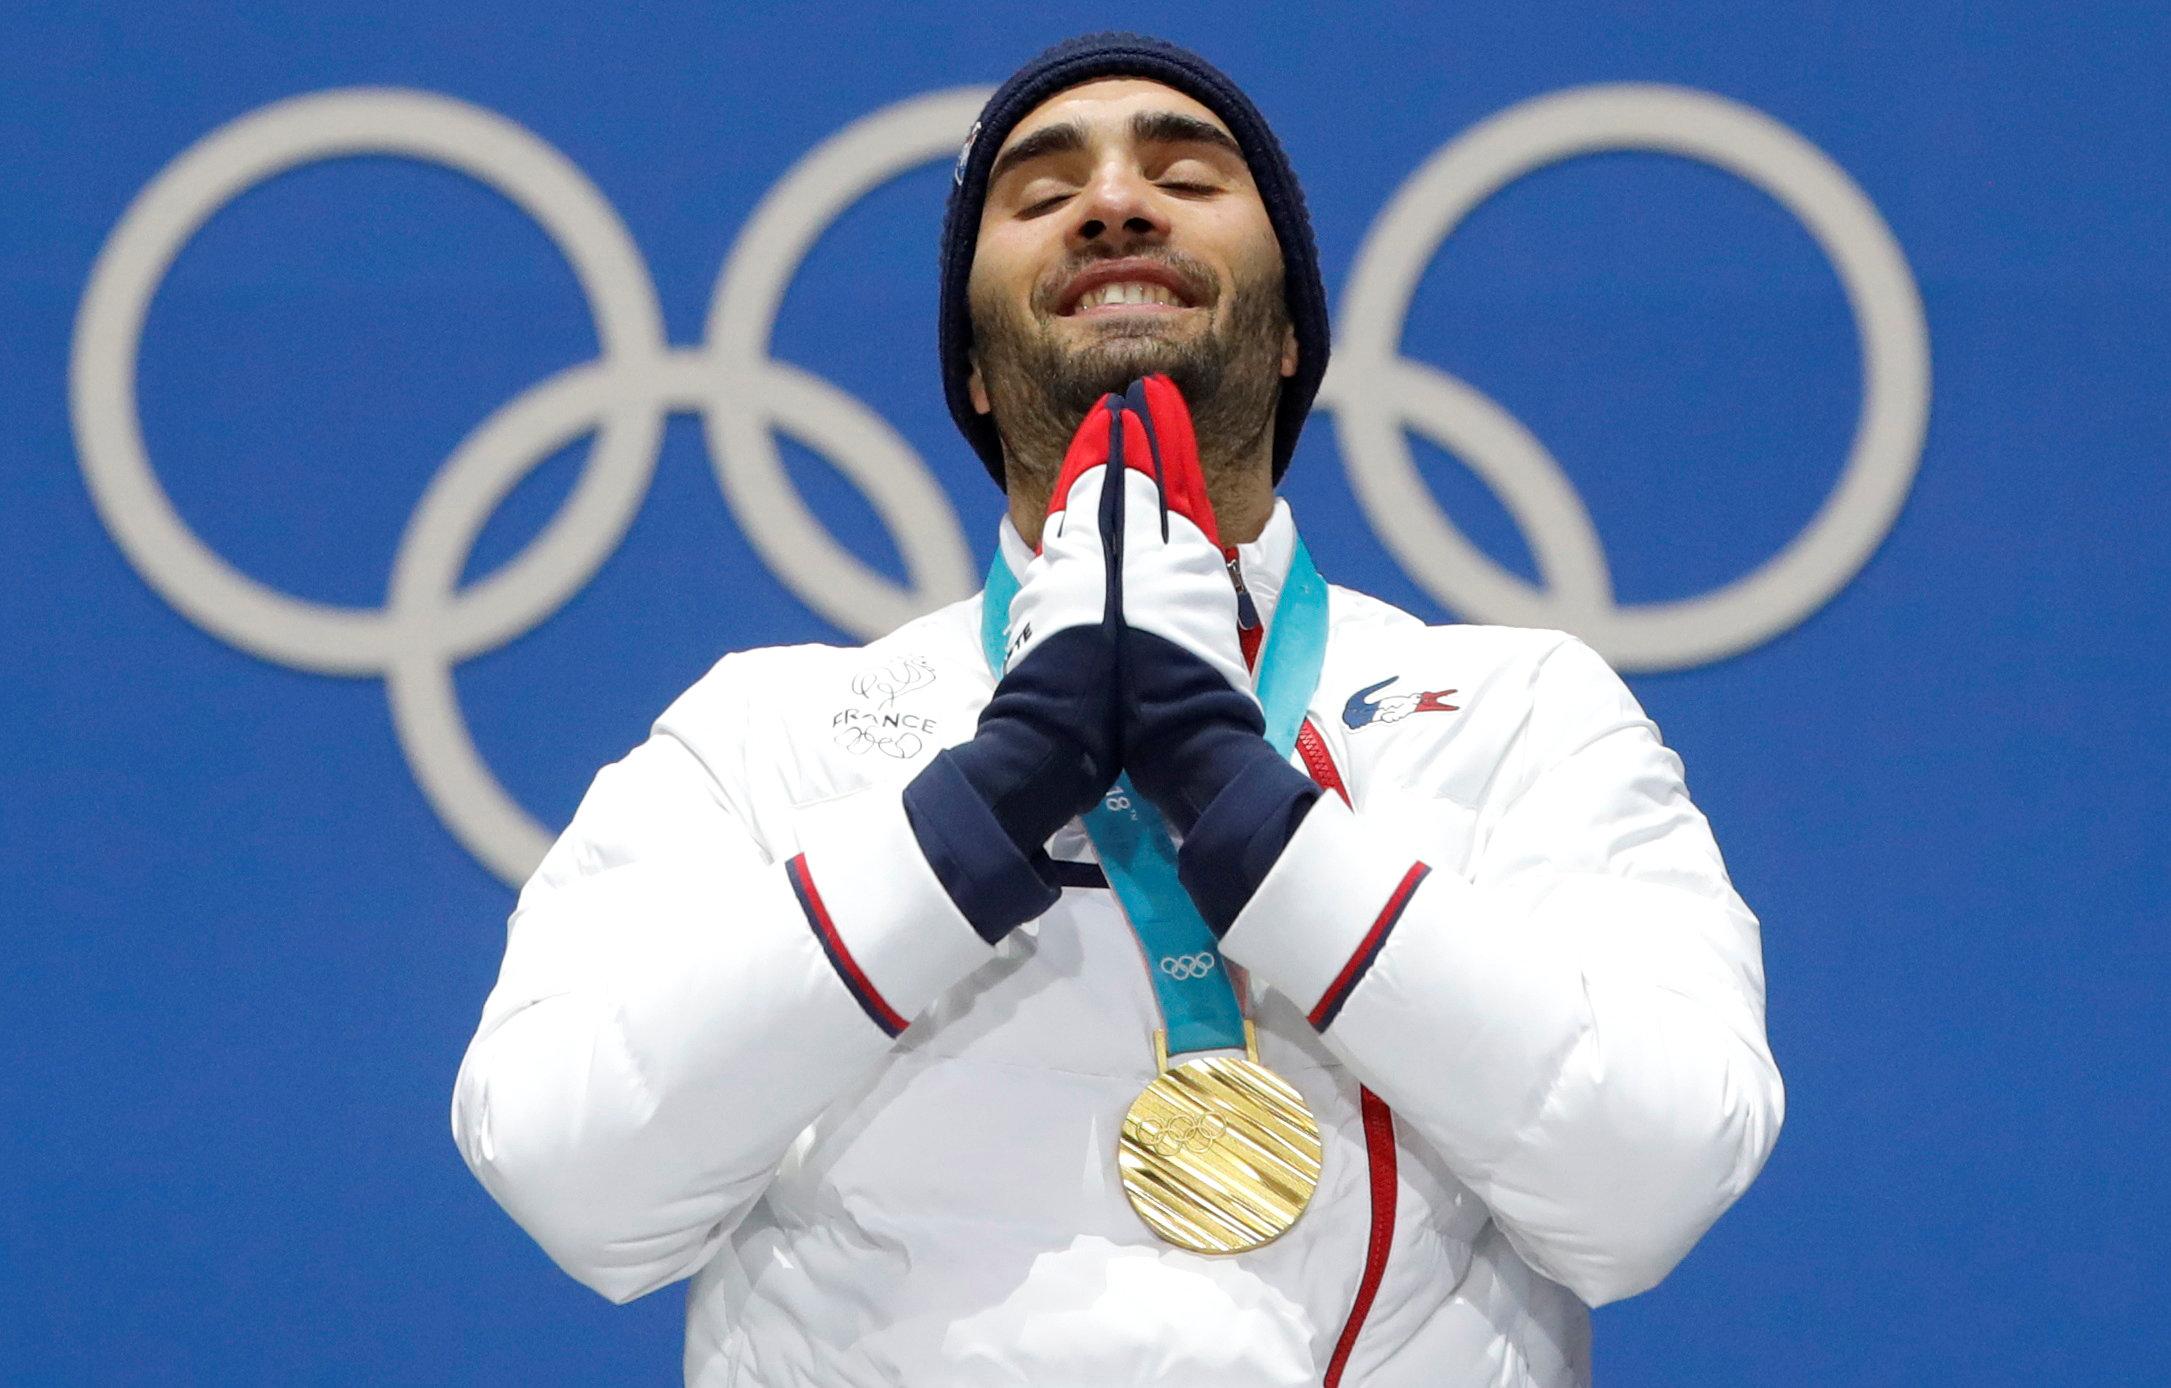 Jeux olympiques - Pyeongchang 2018 - JO 2018 : La France a déjà battu son record de médailles d'or